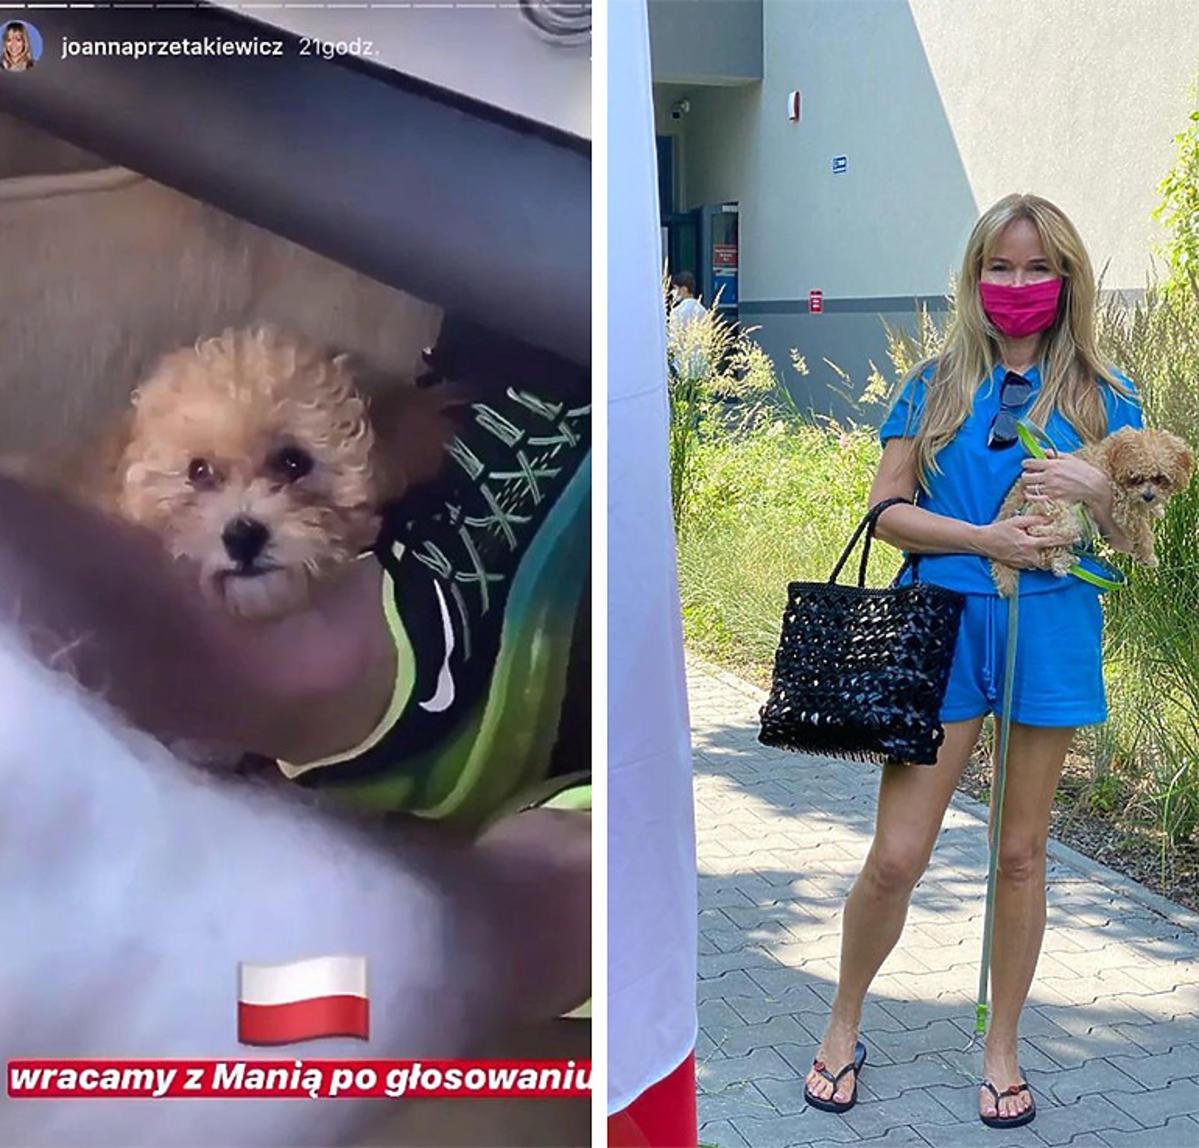 Joanna Przetakiewicz w ogniu krytyki za niebezpieczne przewożenie psa w samochodzie